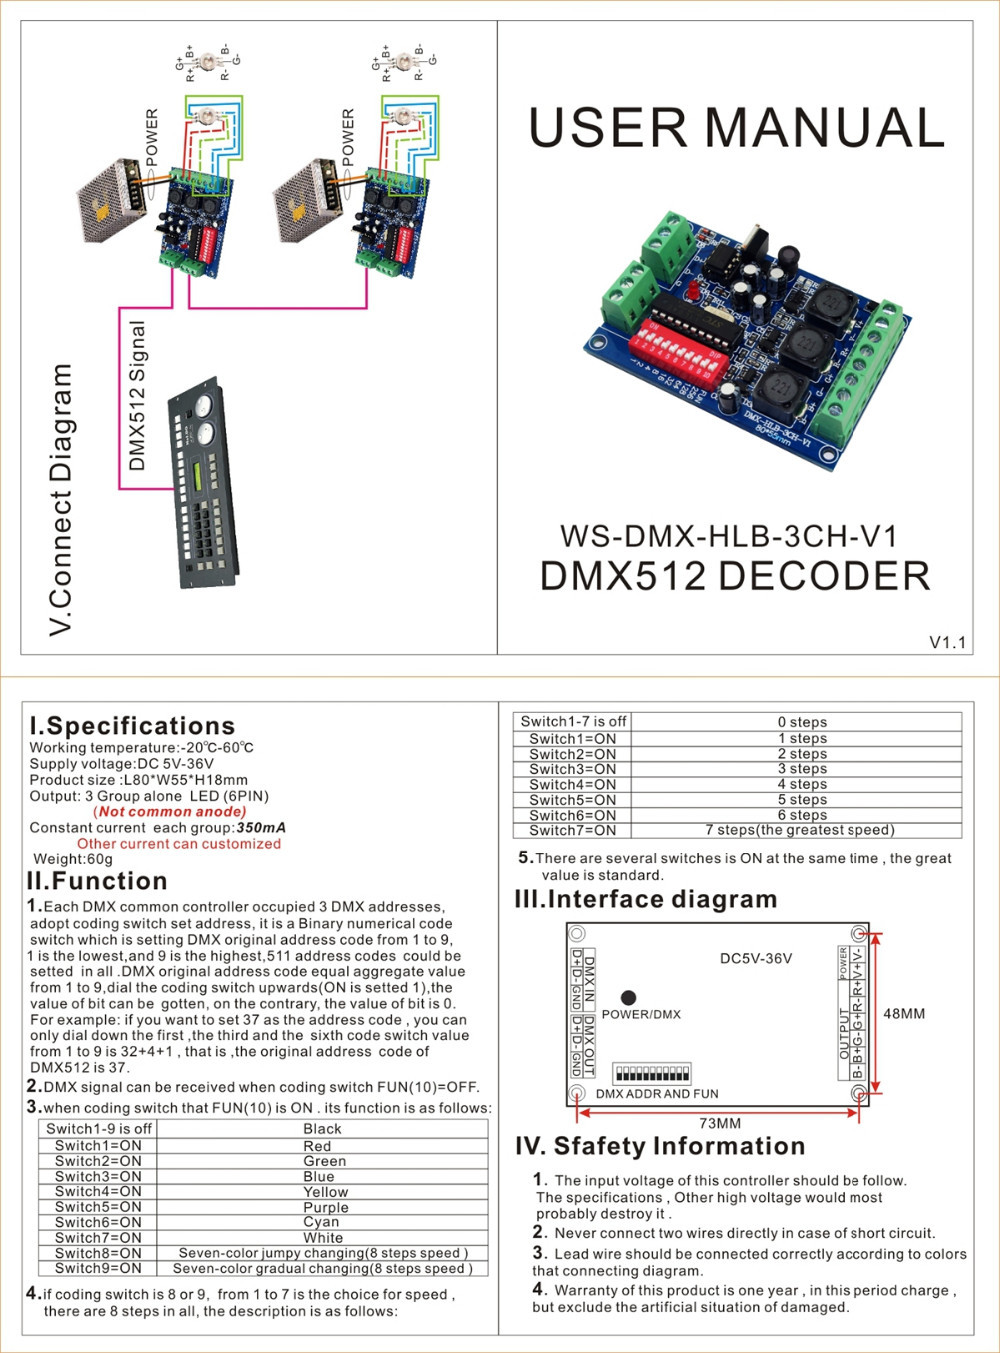 New_DMX_Controllers_WS_DMX_HLB_3CH_350MA_1